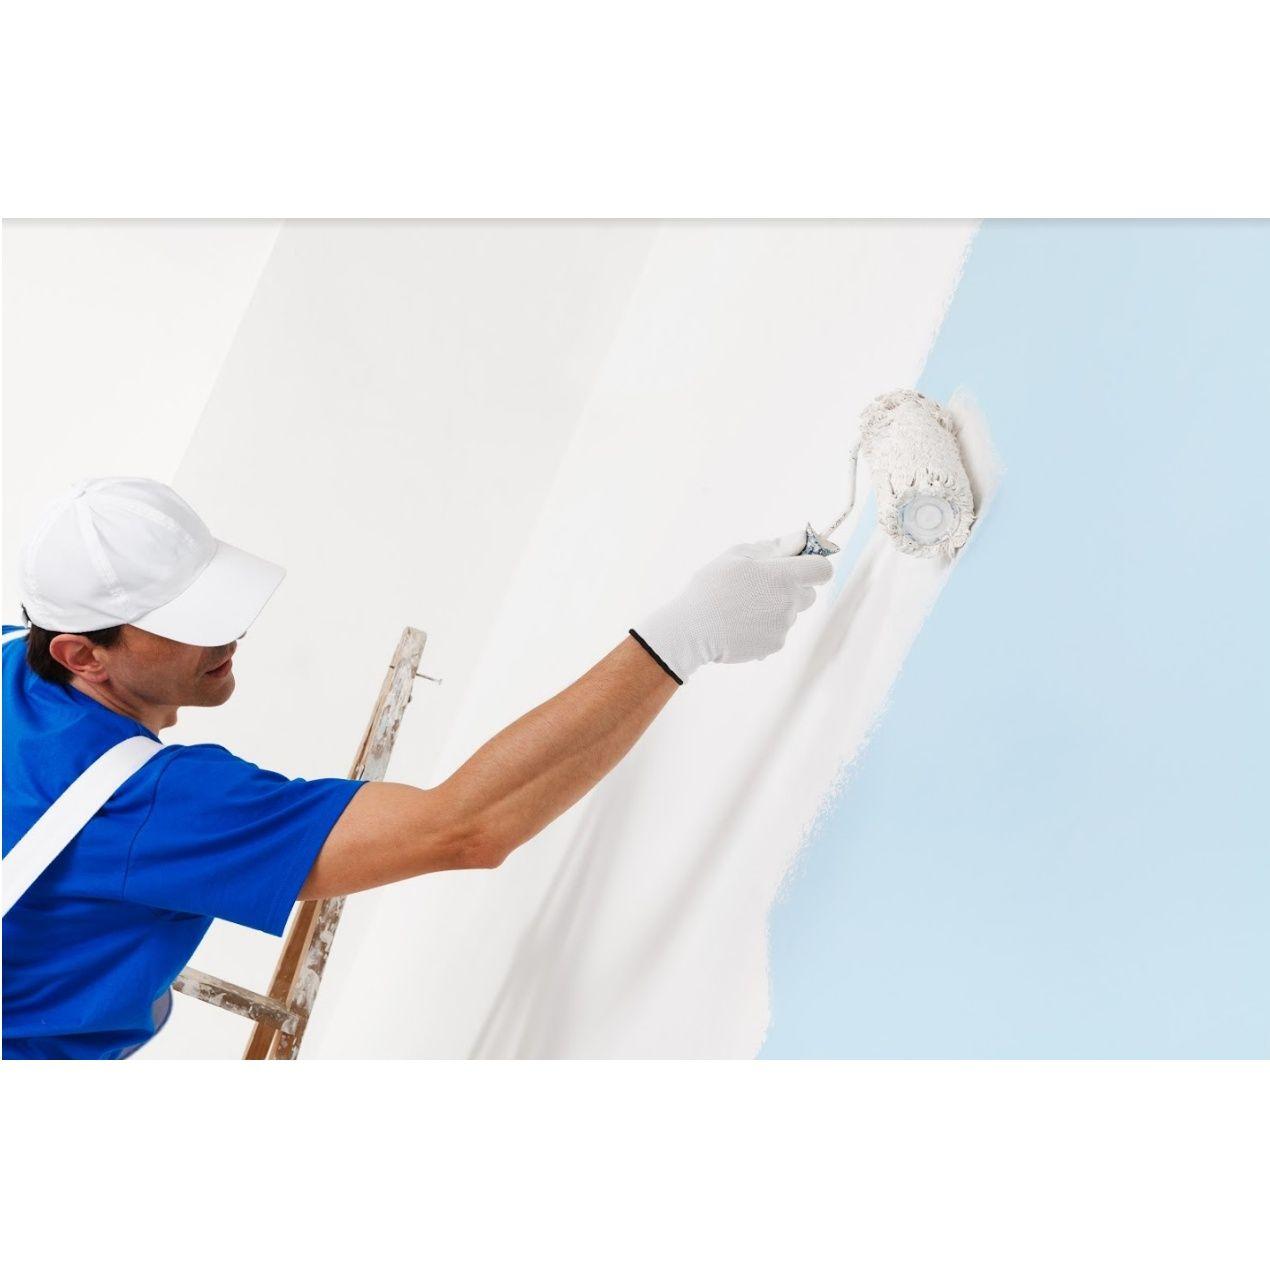 Pintura de interior: Servicios de Rehabilitaciones y Verticales Vera, S.L.